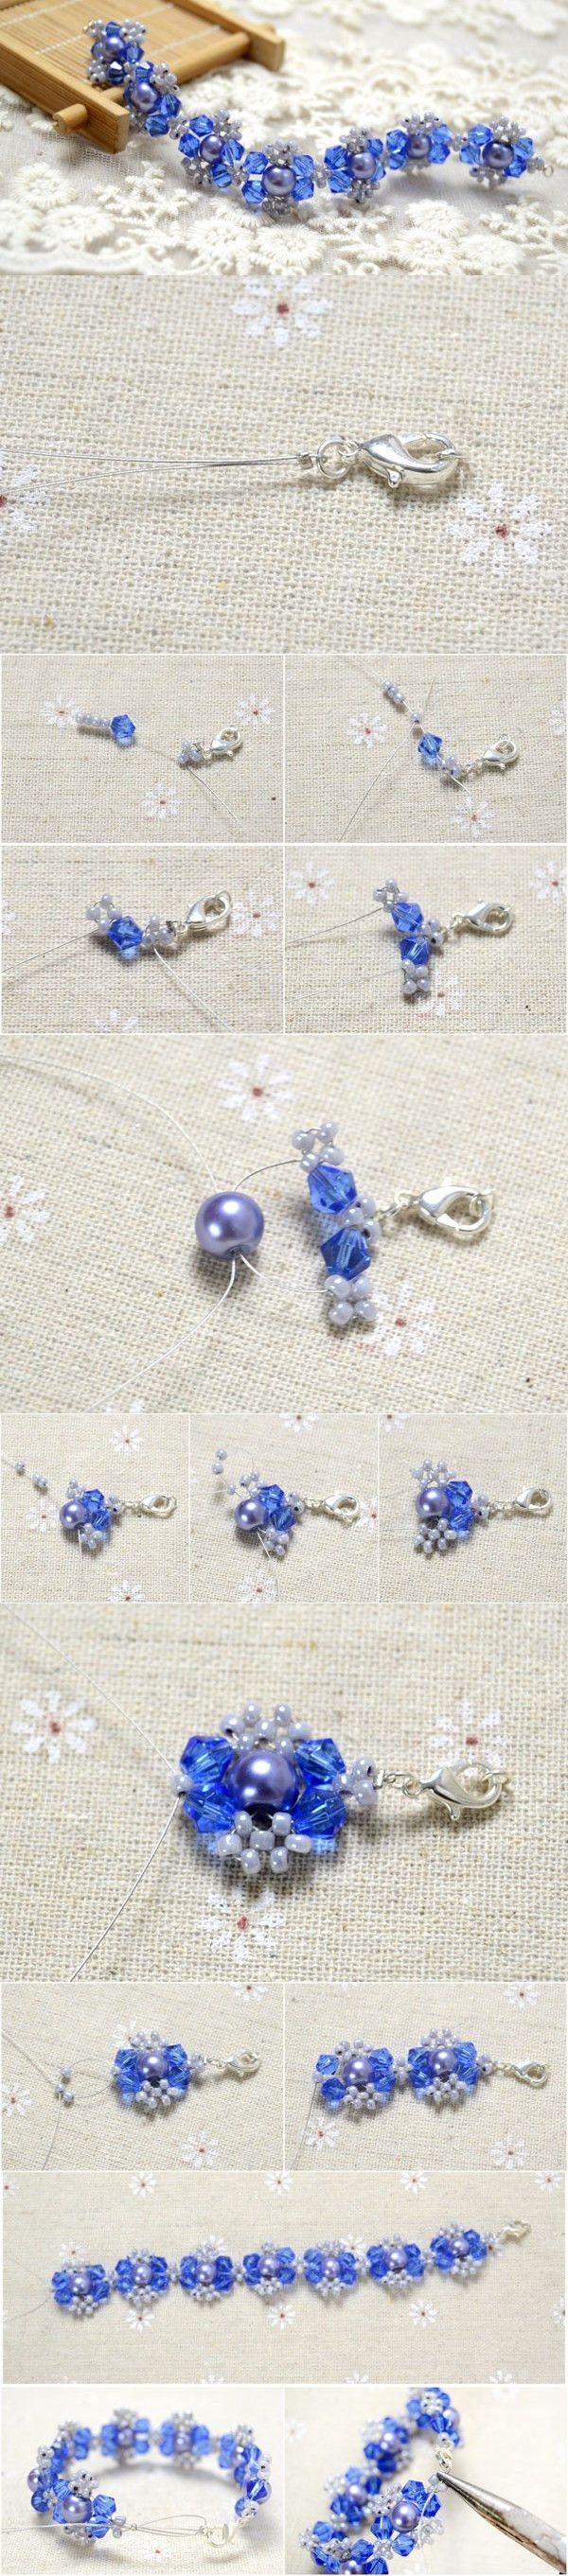 Handmade Flower Pearl Beads Bracelet DIY #bracelet #beadsbracelet #pandahall…